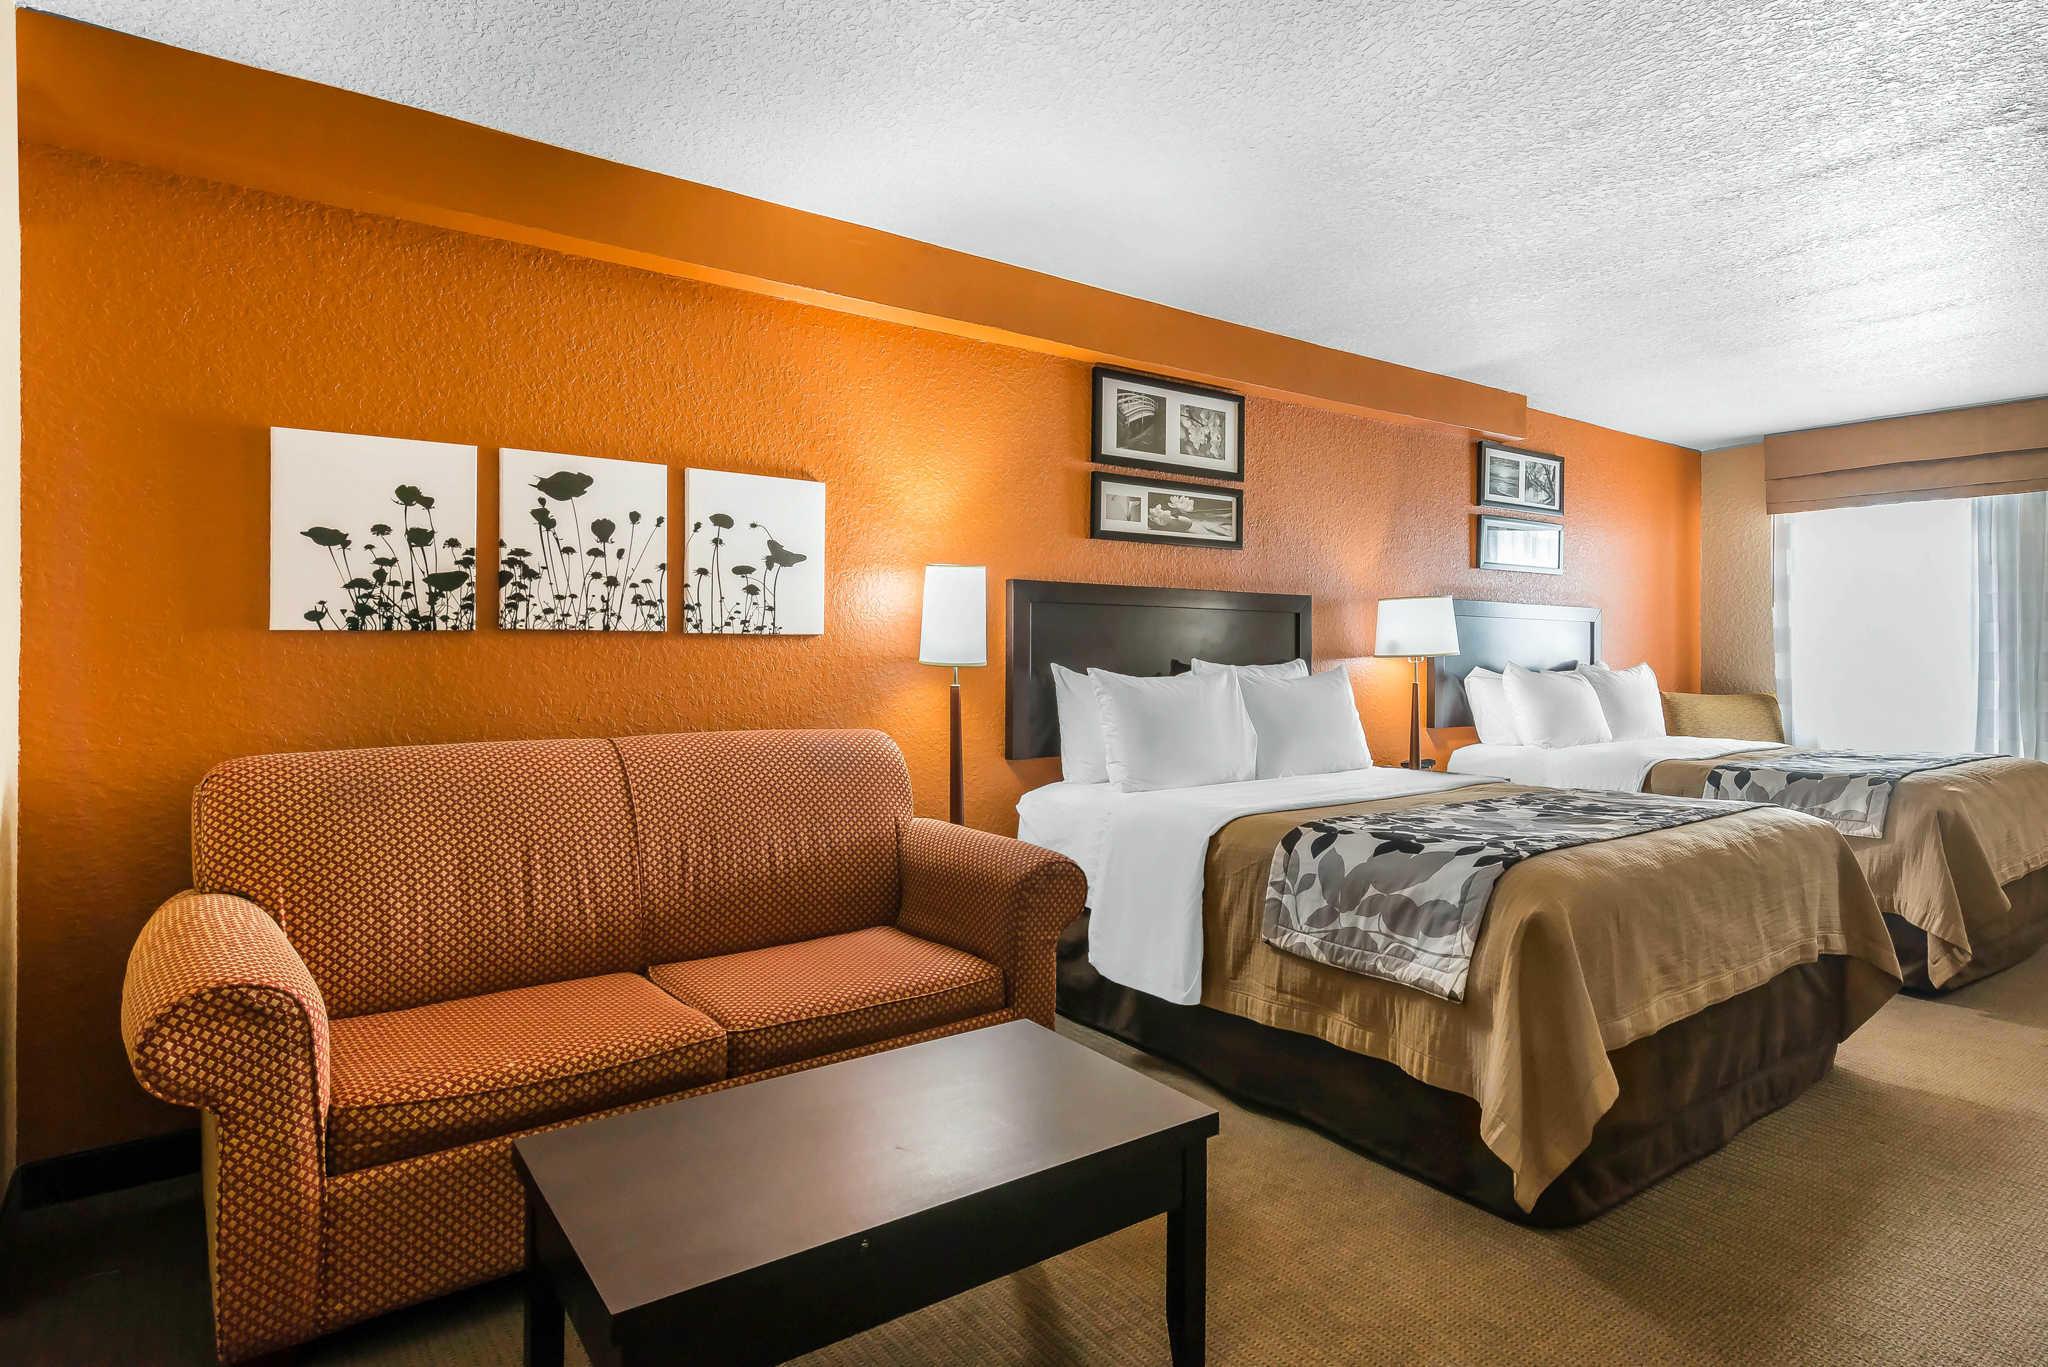 Sleep Inn & Suites Ocala - Belleview image 11